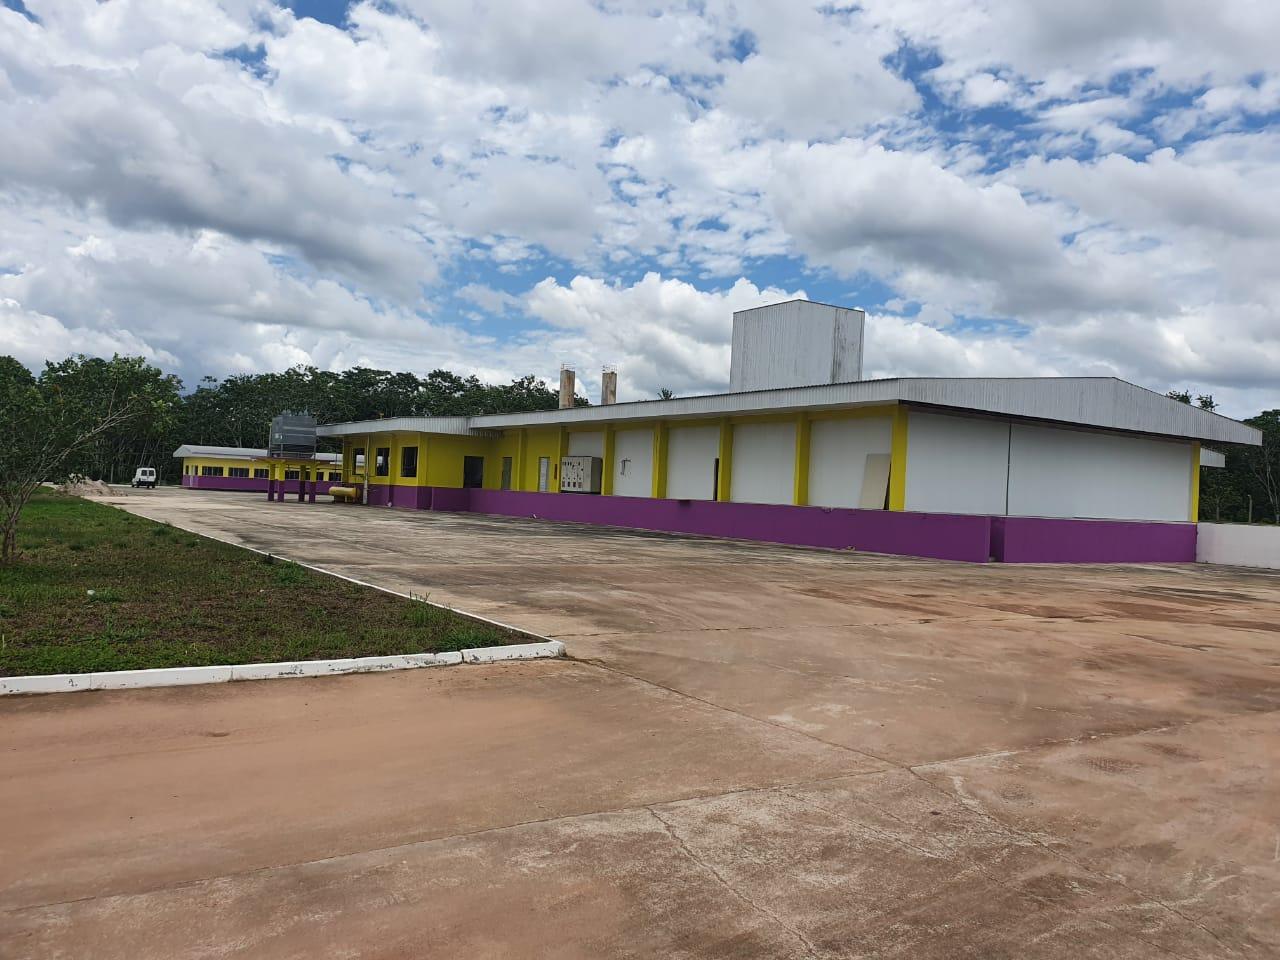 Com nova destinação, governo planeja inaugurar frigorífico em Cruzeiro do Sul